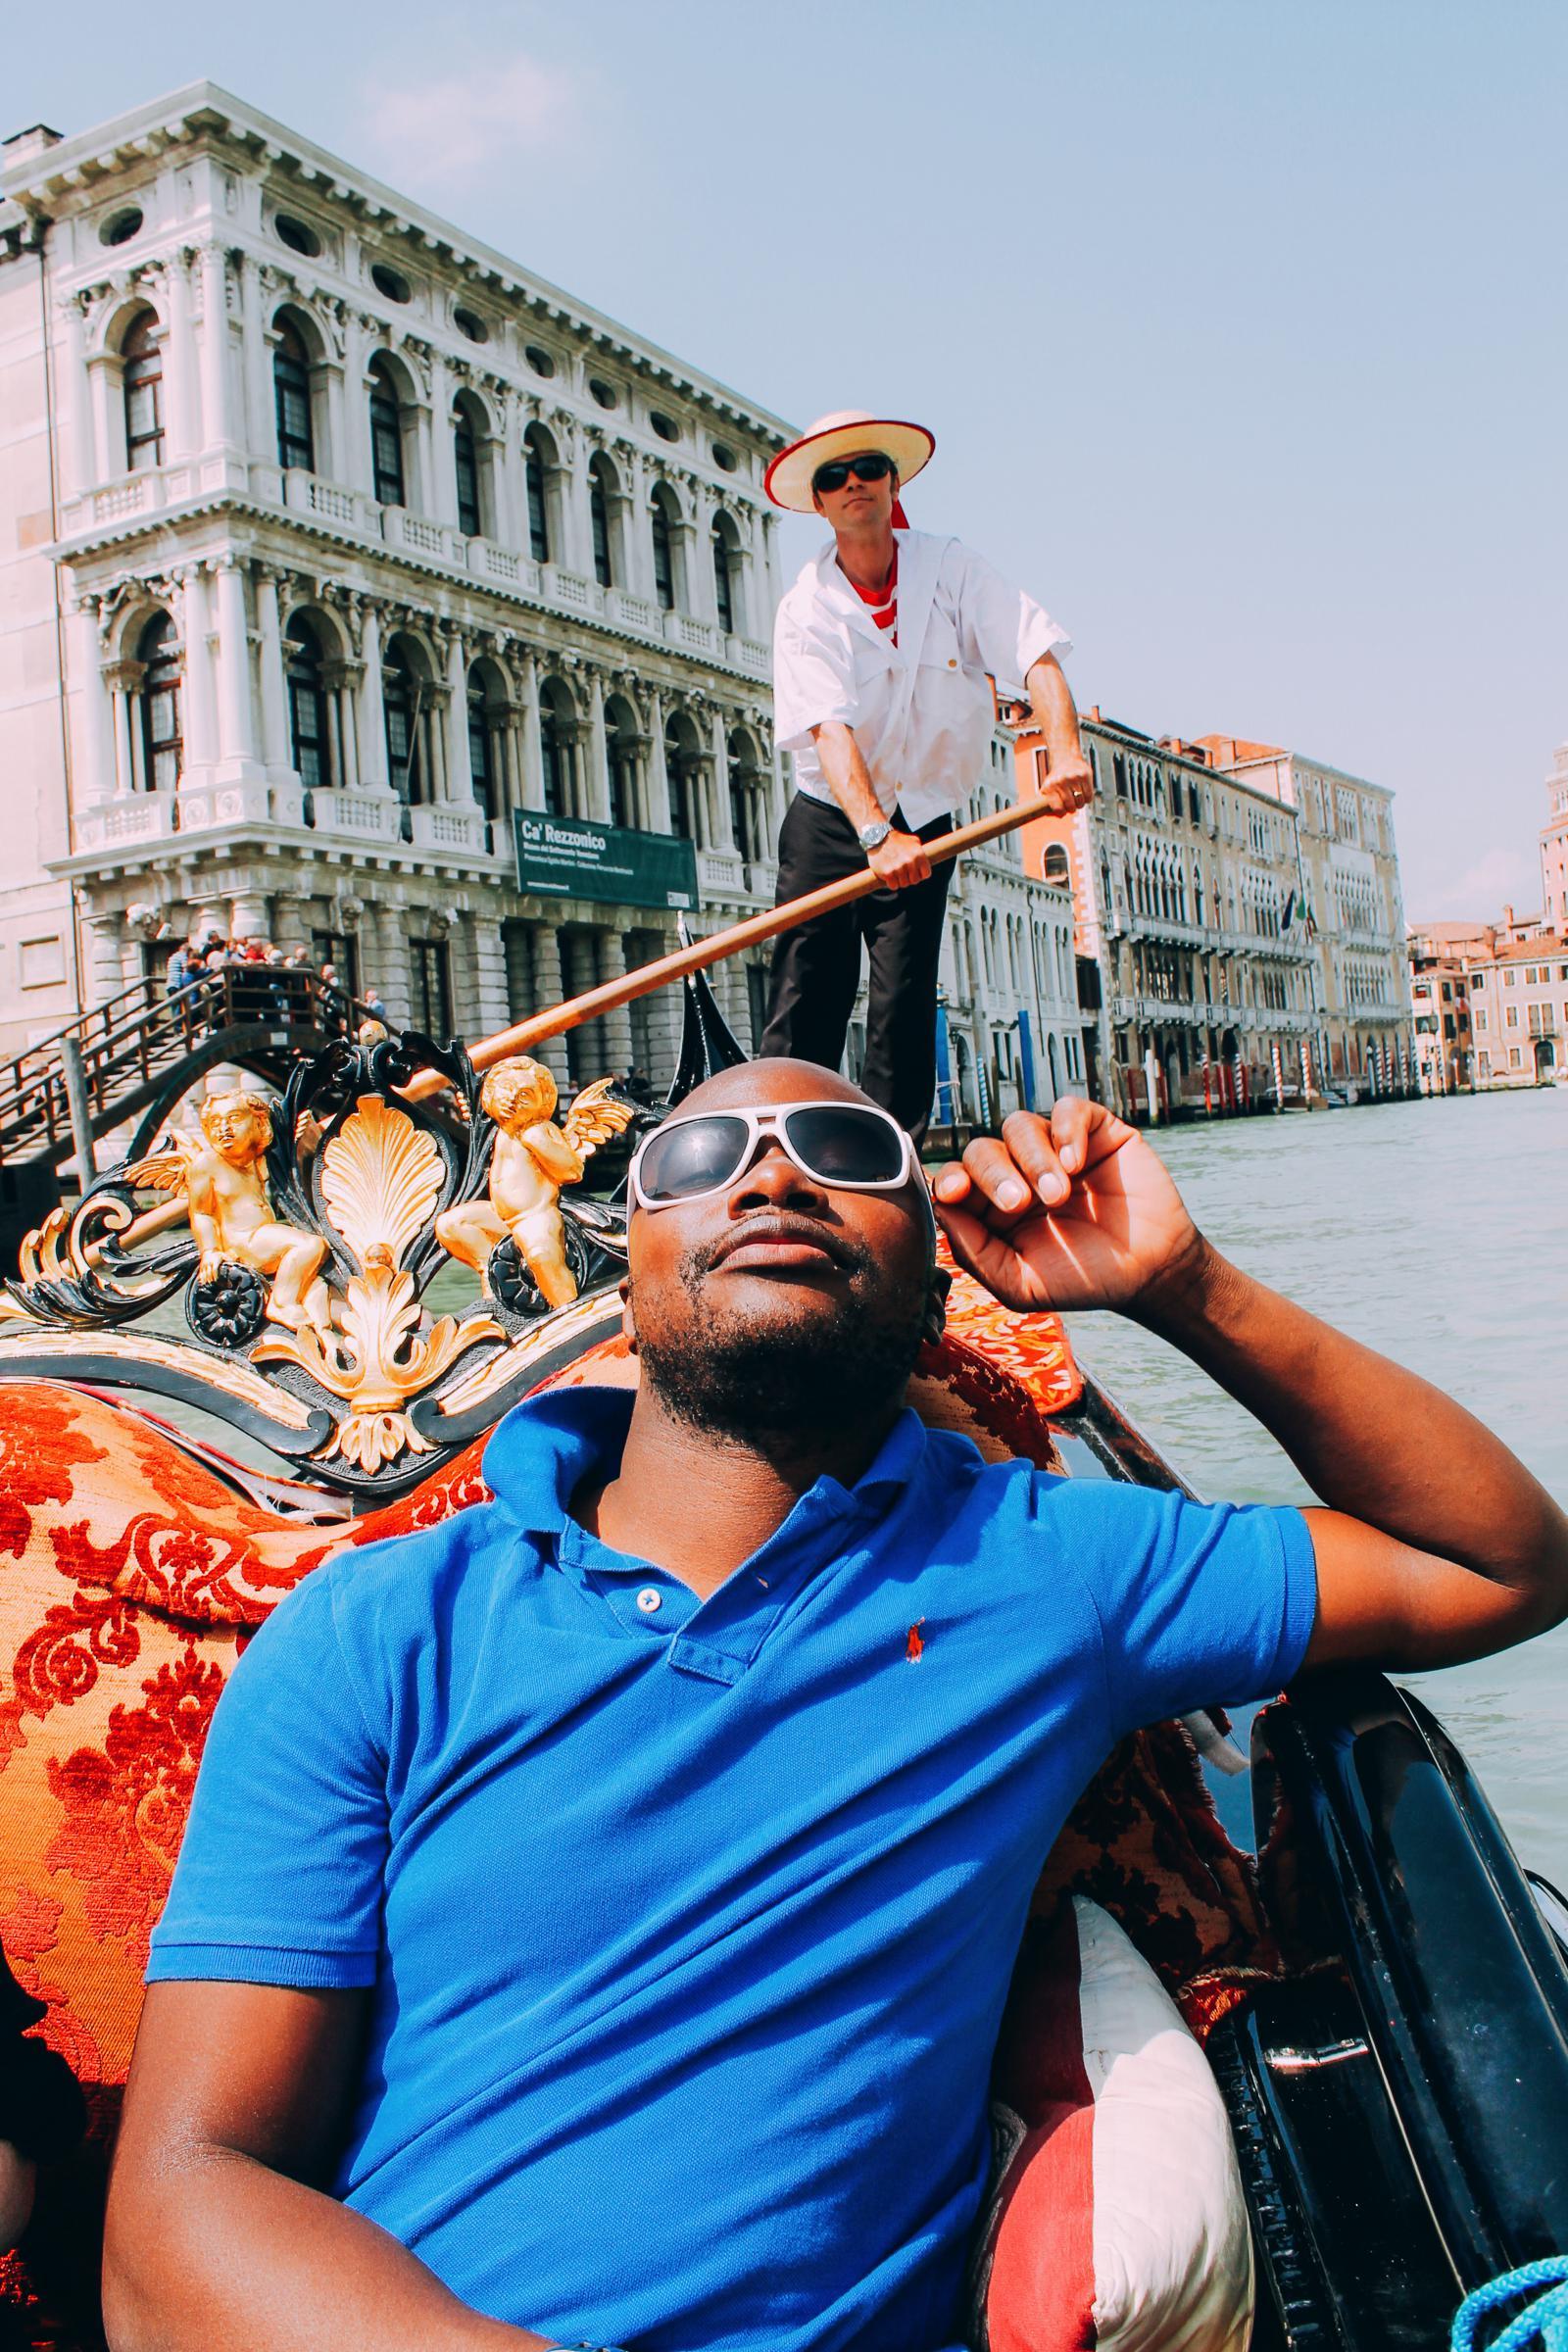 Venice - A Photo Diary. Italy, Europe (8)